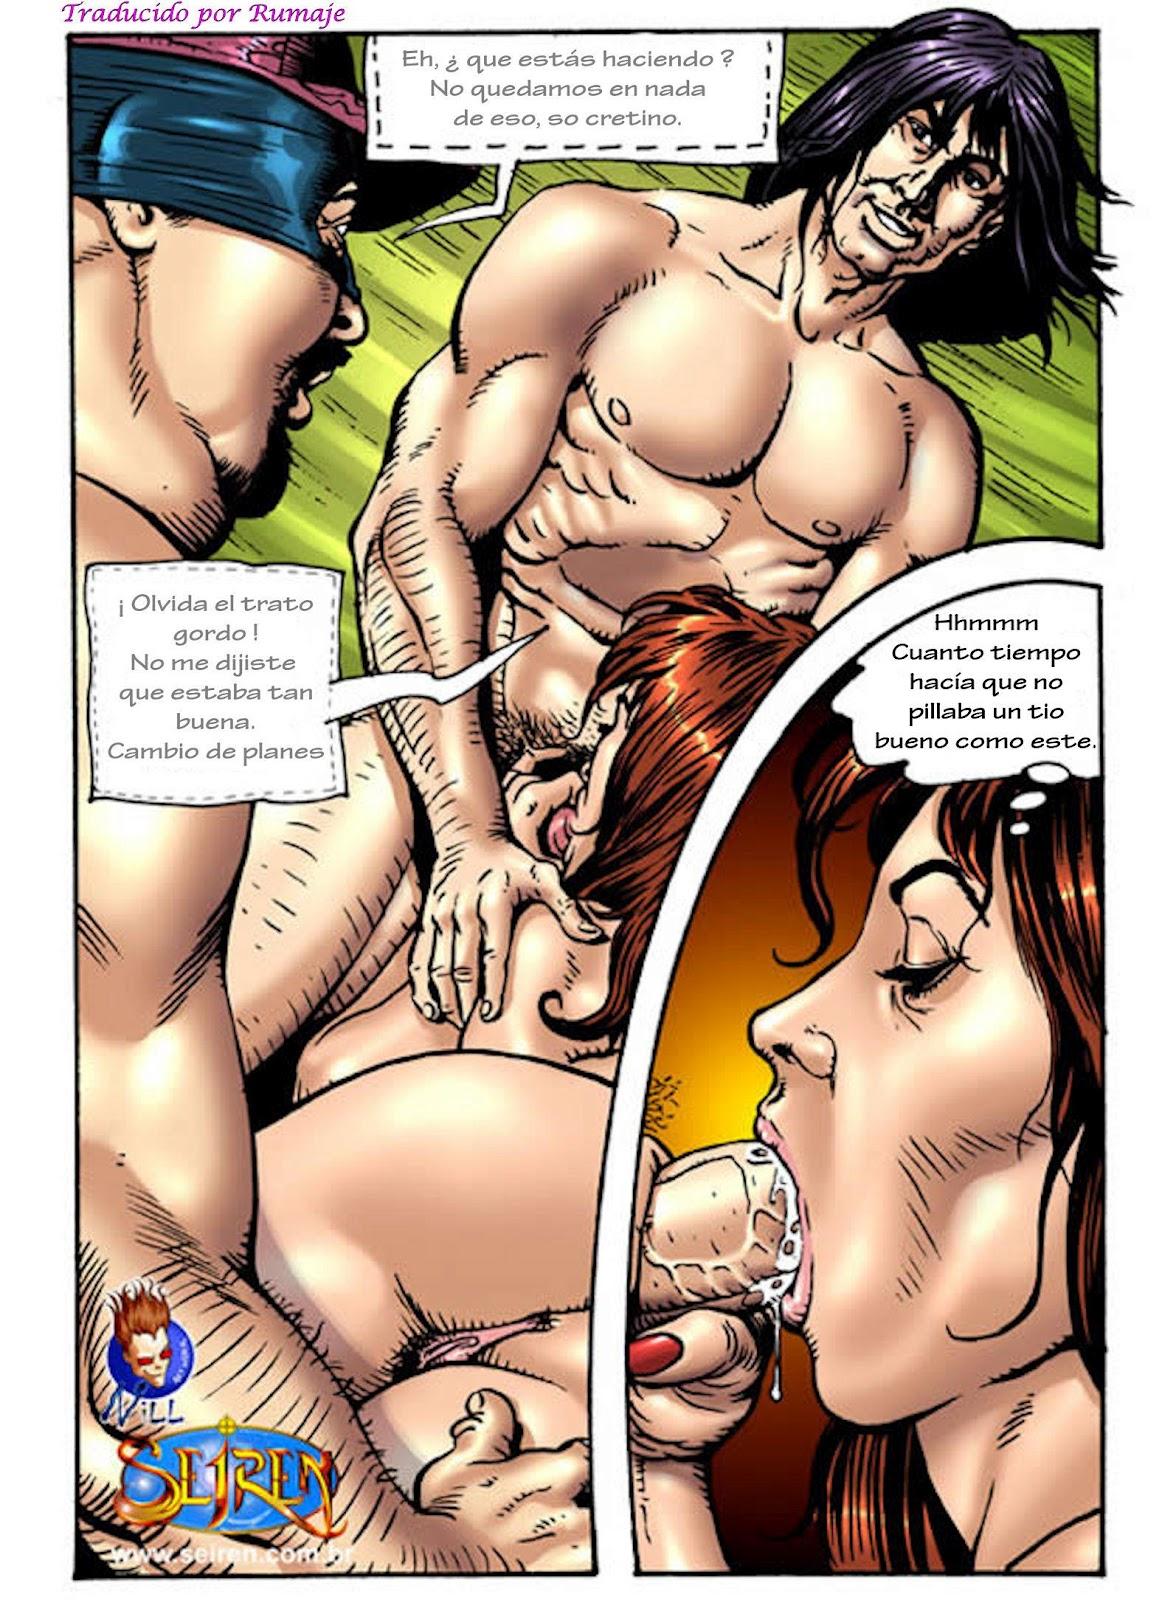 Cornudo con amigo para su mujer - 1 part 1